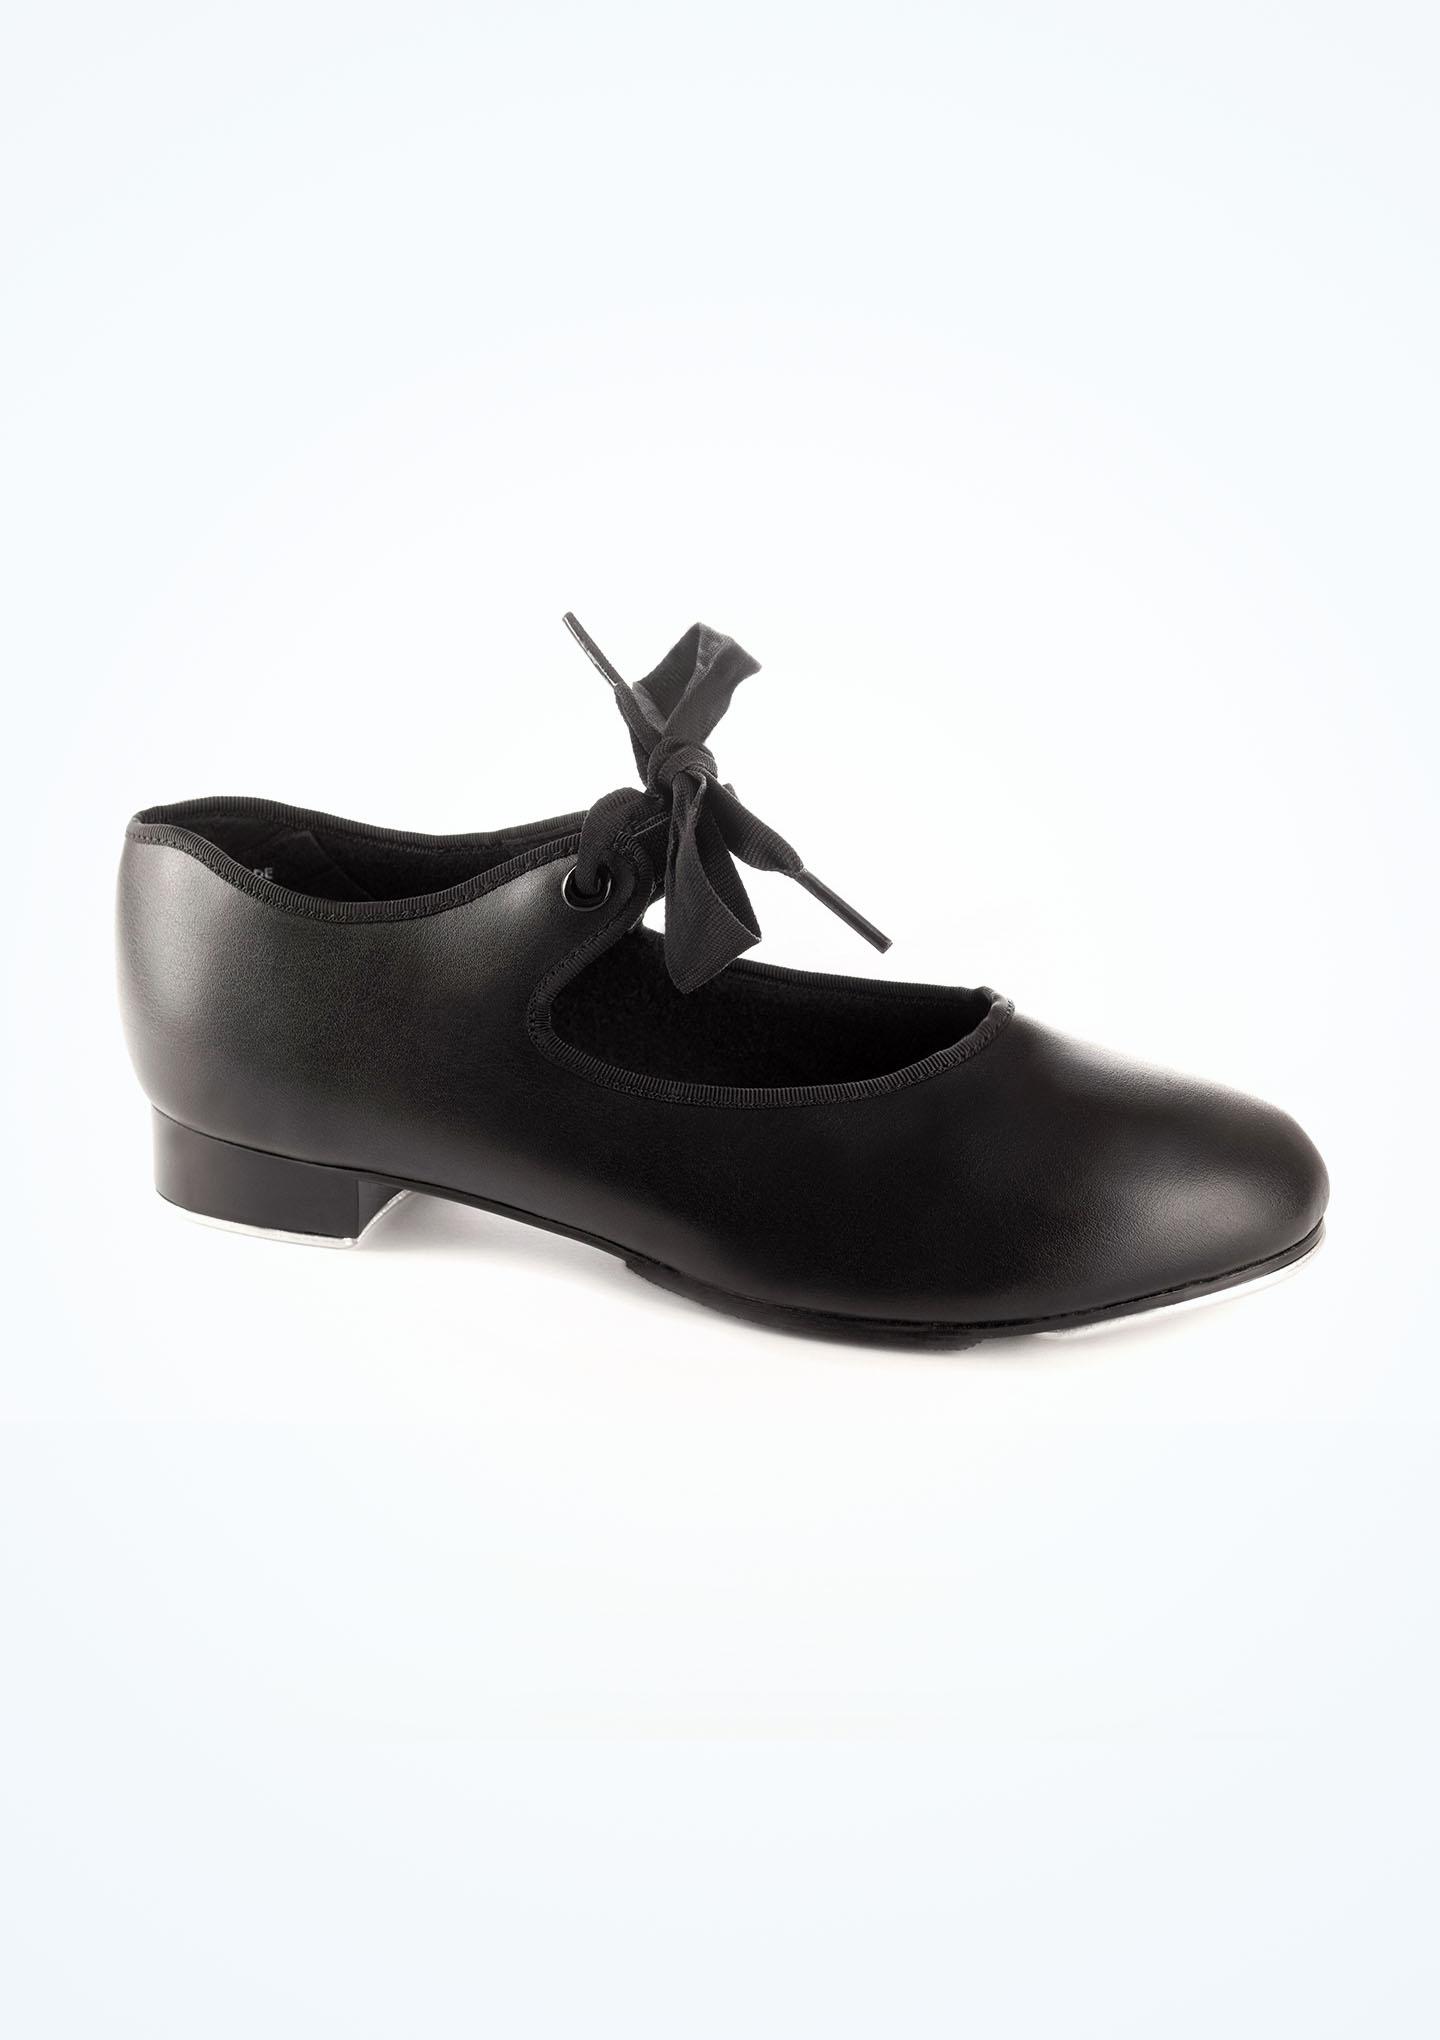 La Tyette in ecopelle scarpa per bambine da tip tap marca Capezio-